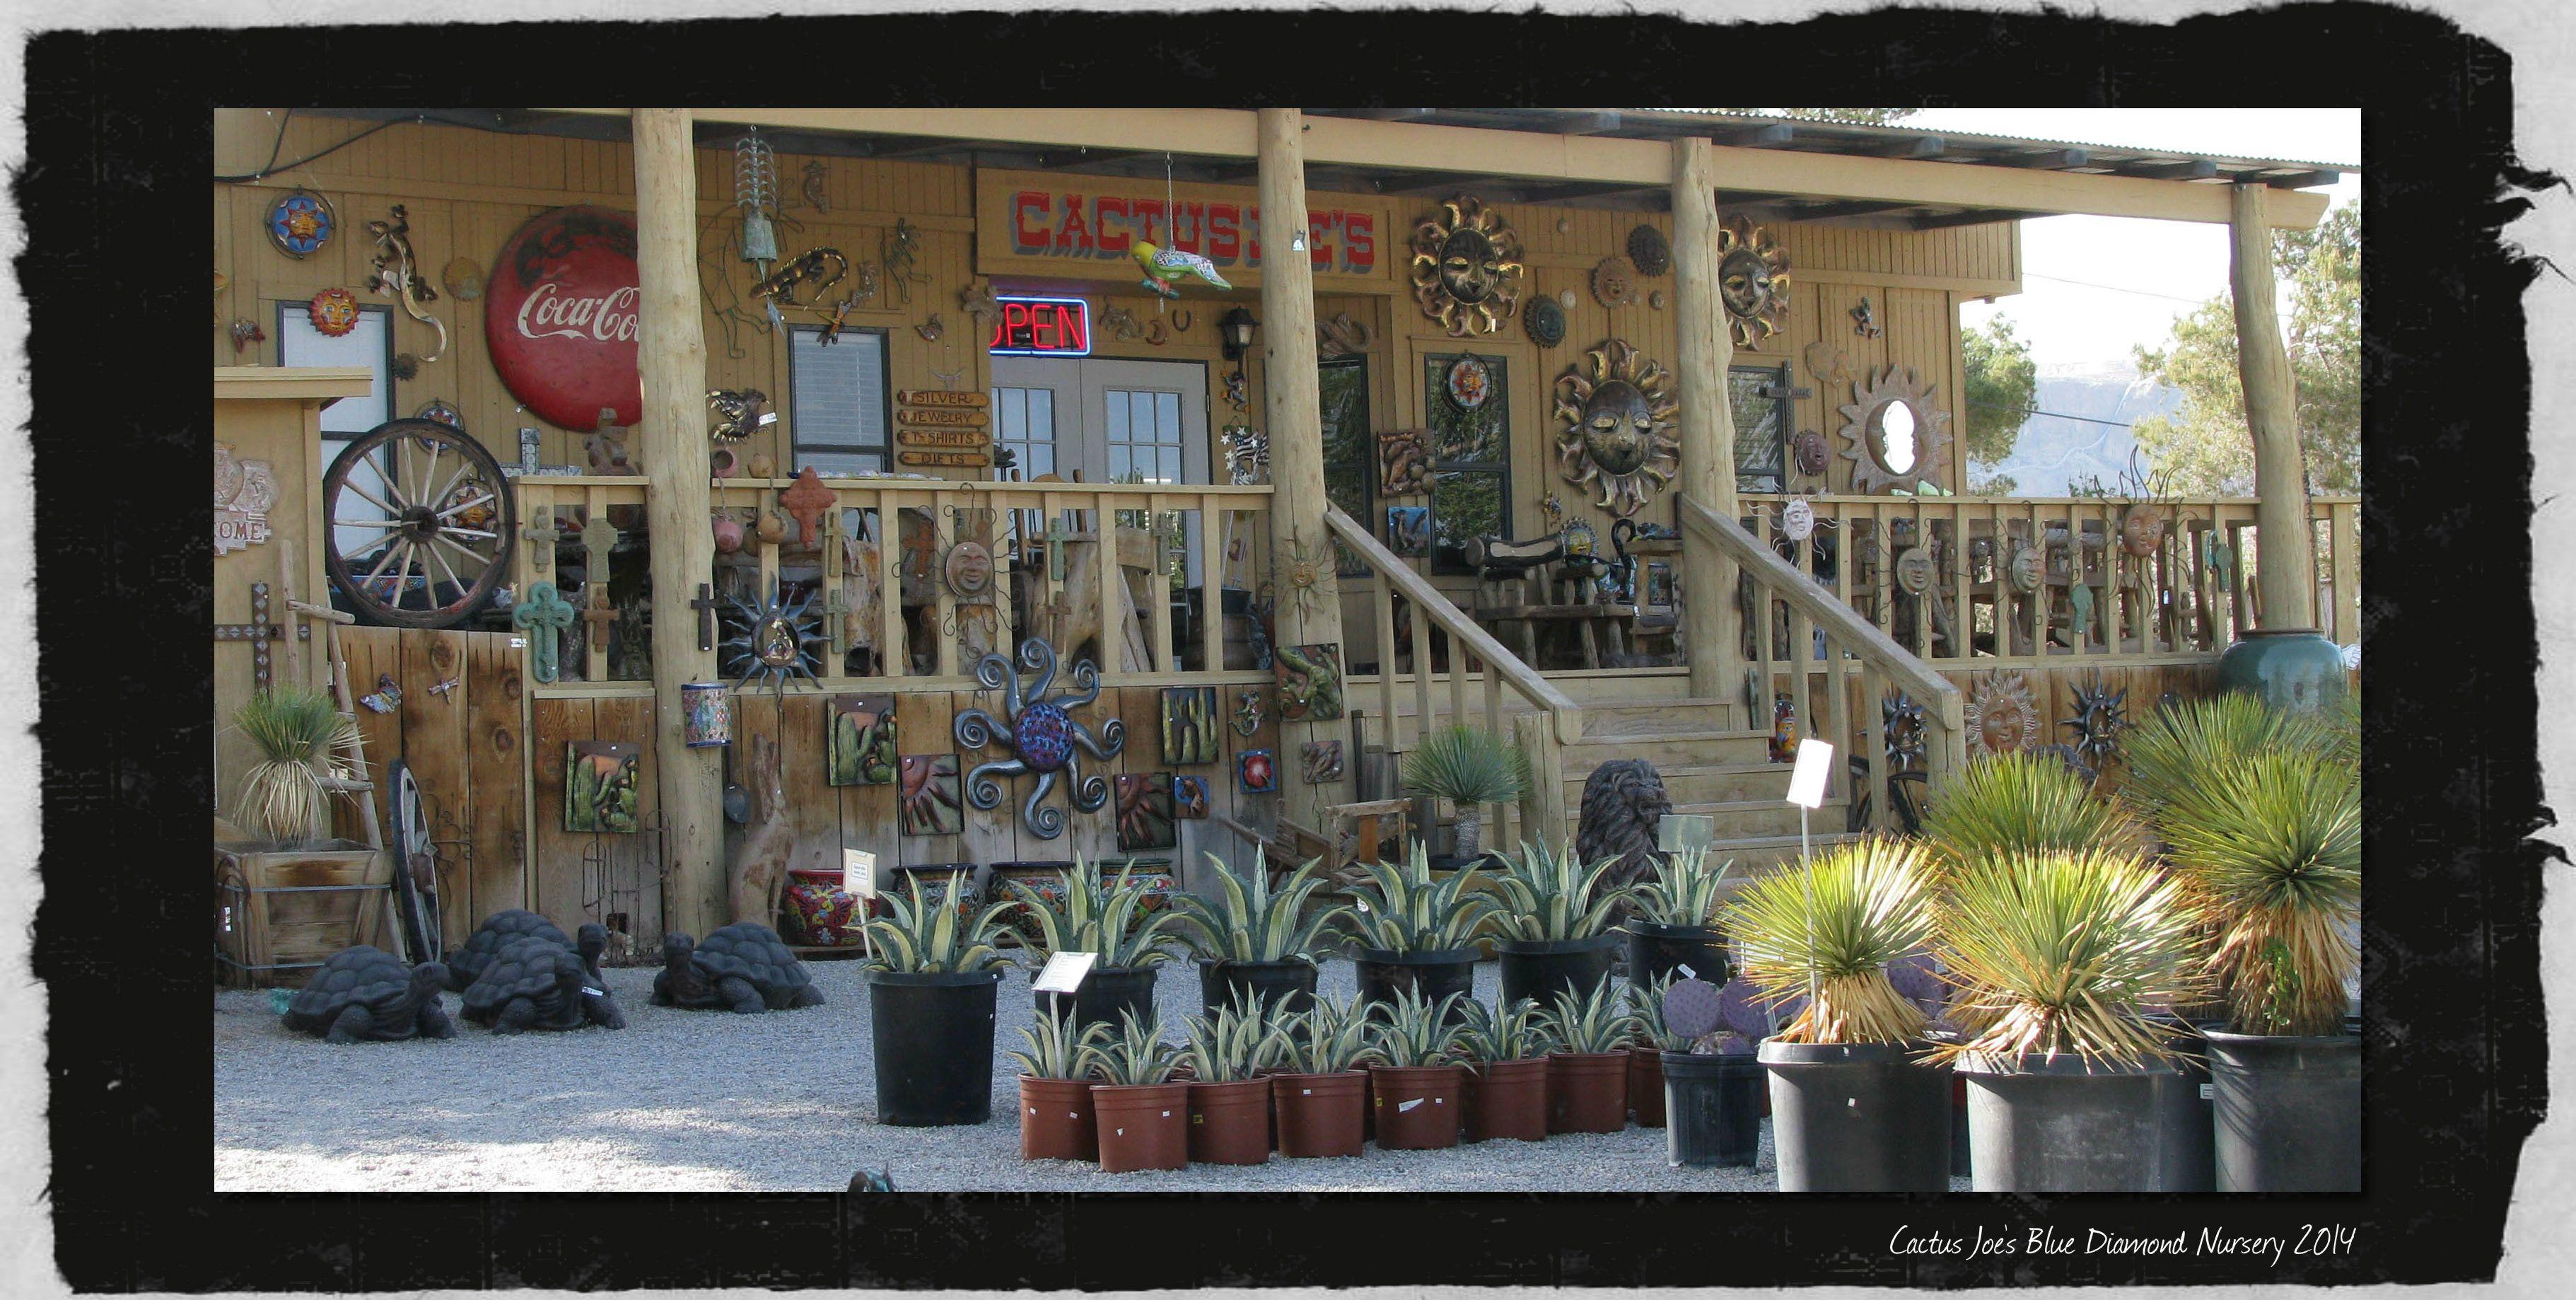 Gift At Cactus Joe S Blue Diamond Nursery In Las Vegas